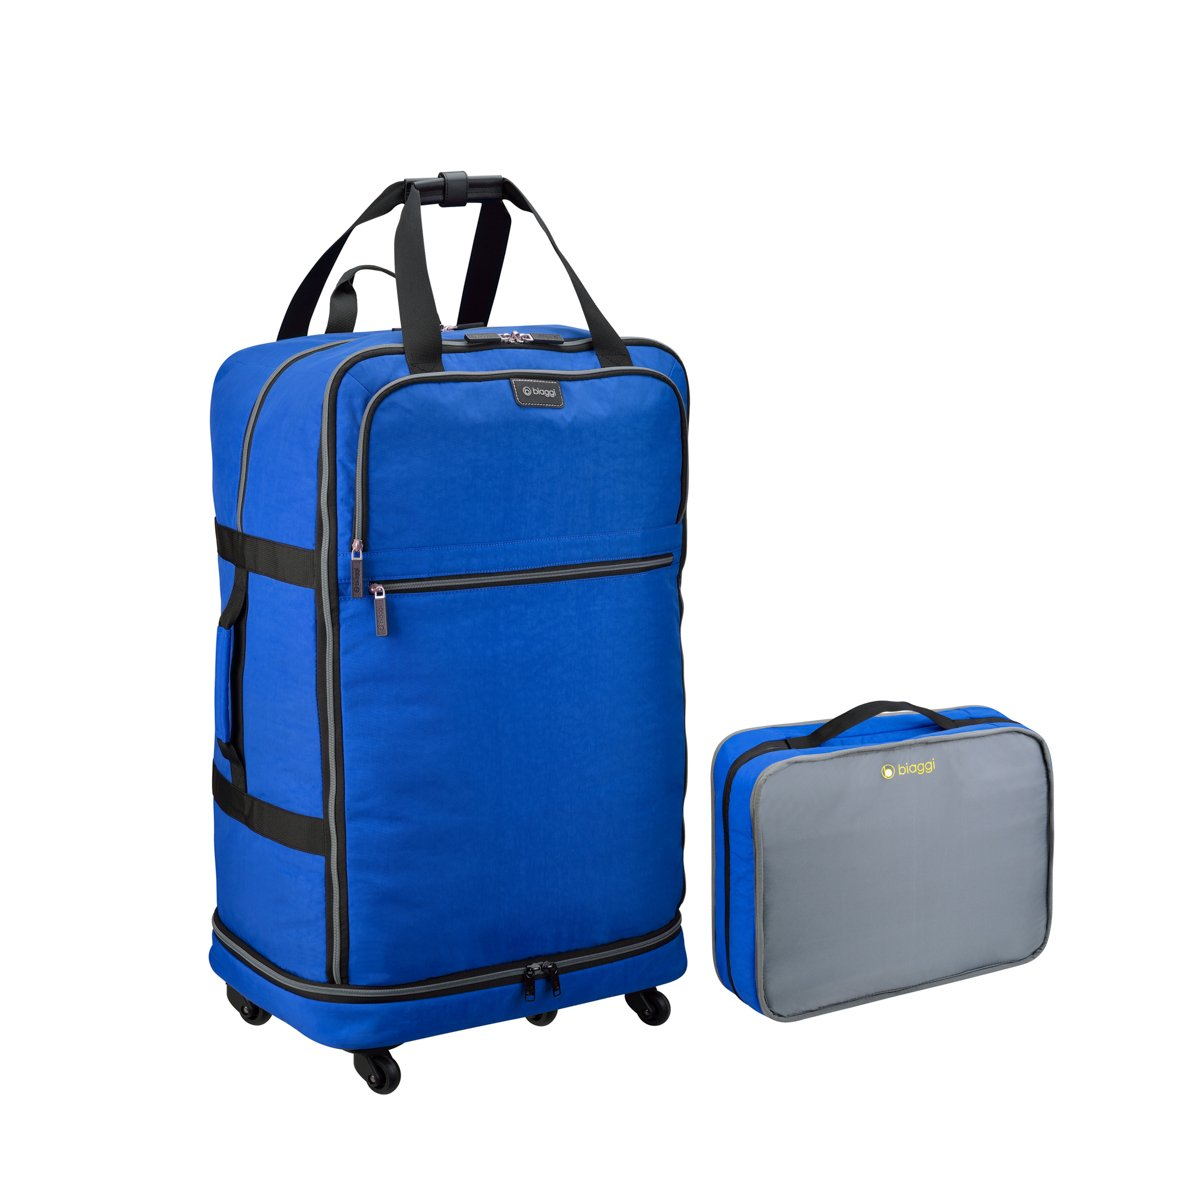 Biaggi Luggage Zipsak 27 Micro Fold Spinner Suitcase Suitcase, Black 631127-BK